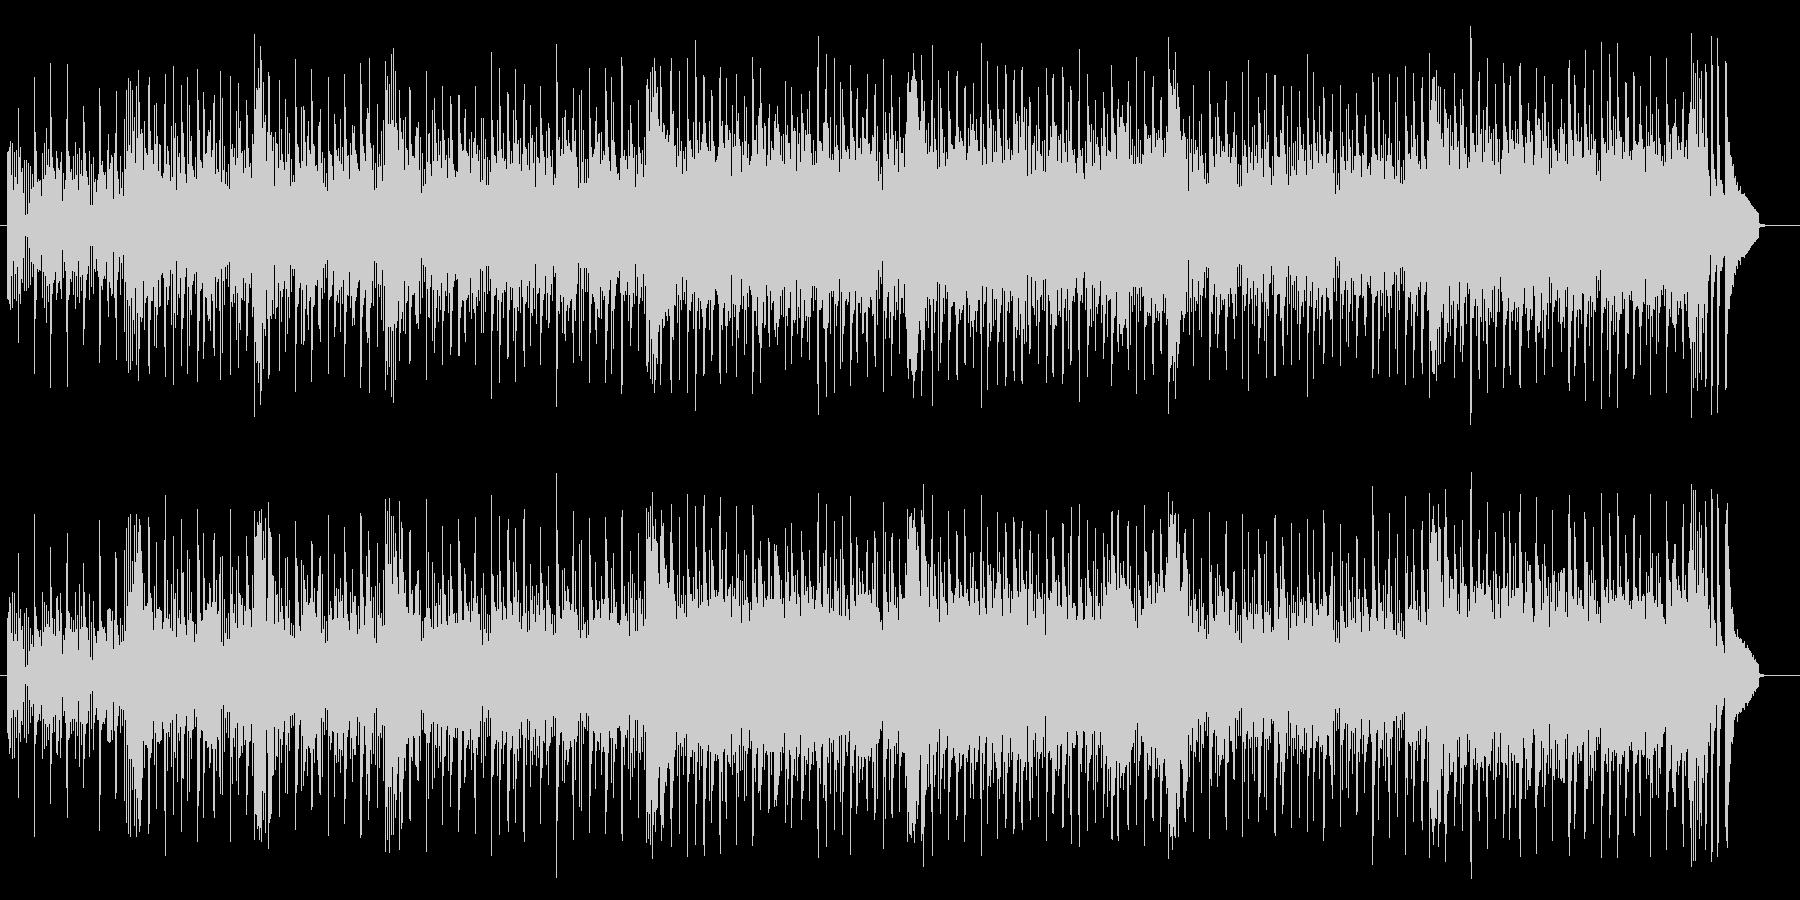 軽やかなコンピューターミュージックの未再生の波形